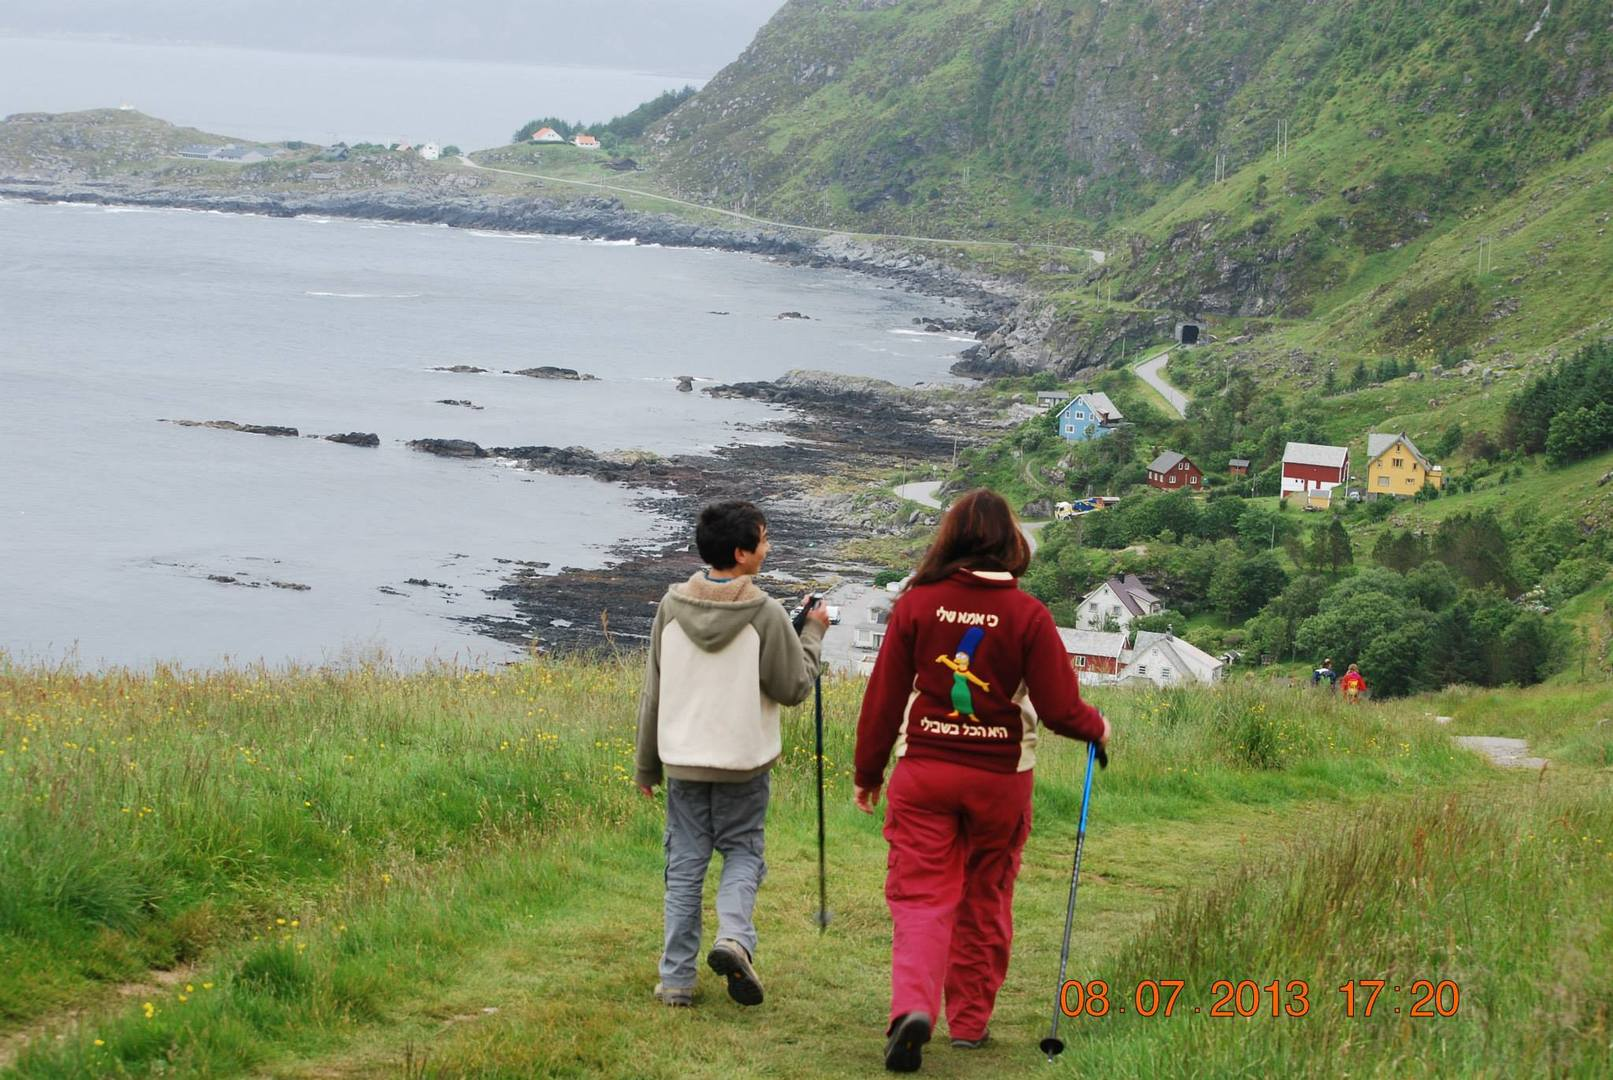 הולכים ברגל ברחבי האי